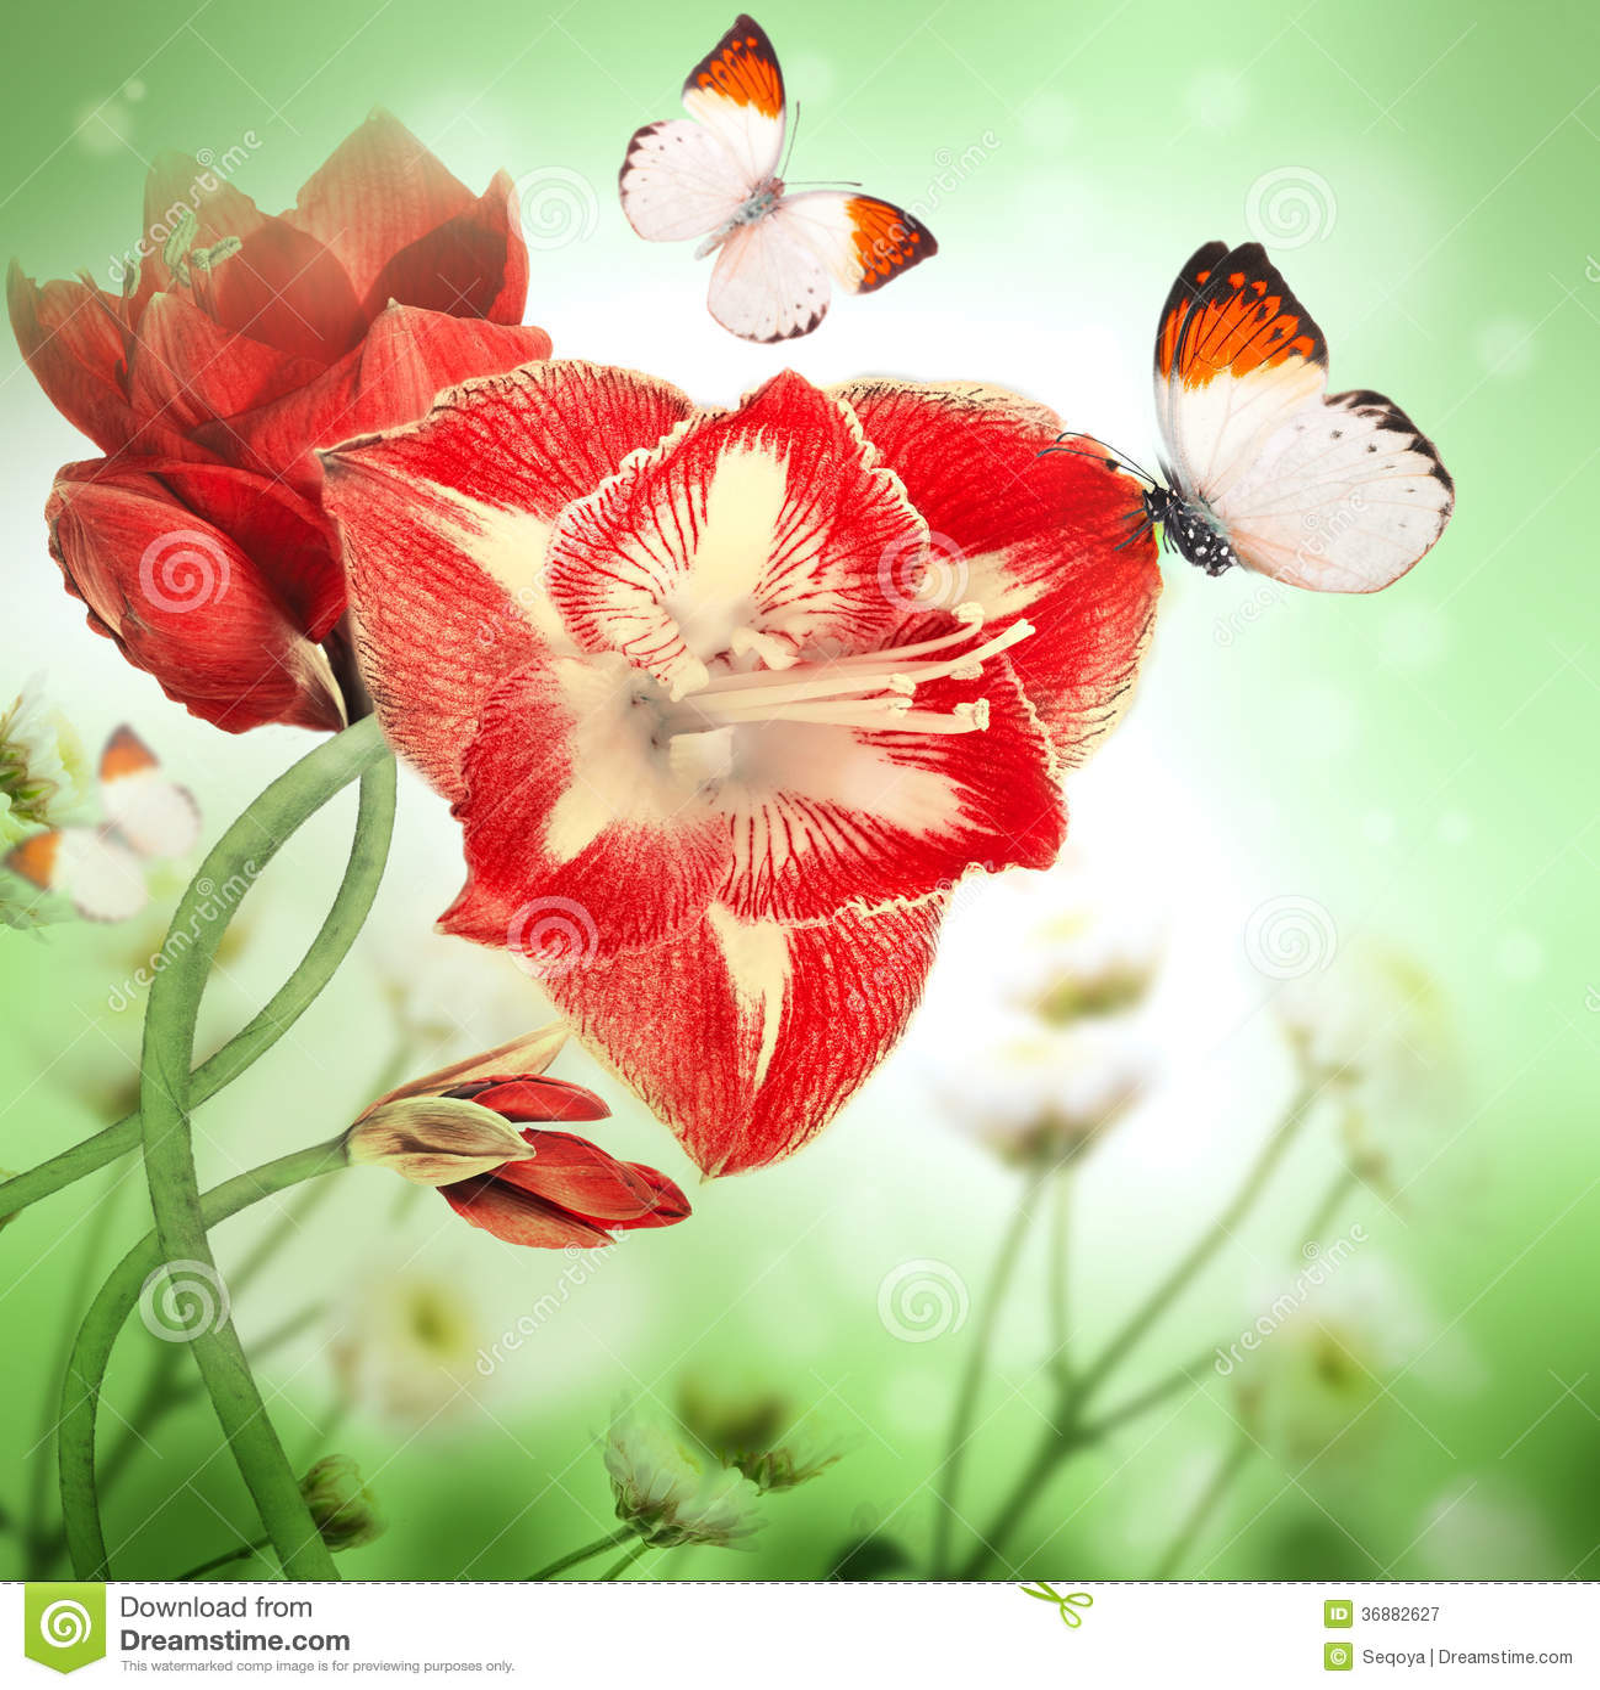 Download Fiori rossi, mazzo immagine stock. Immagine di grunge - 36882627